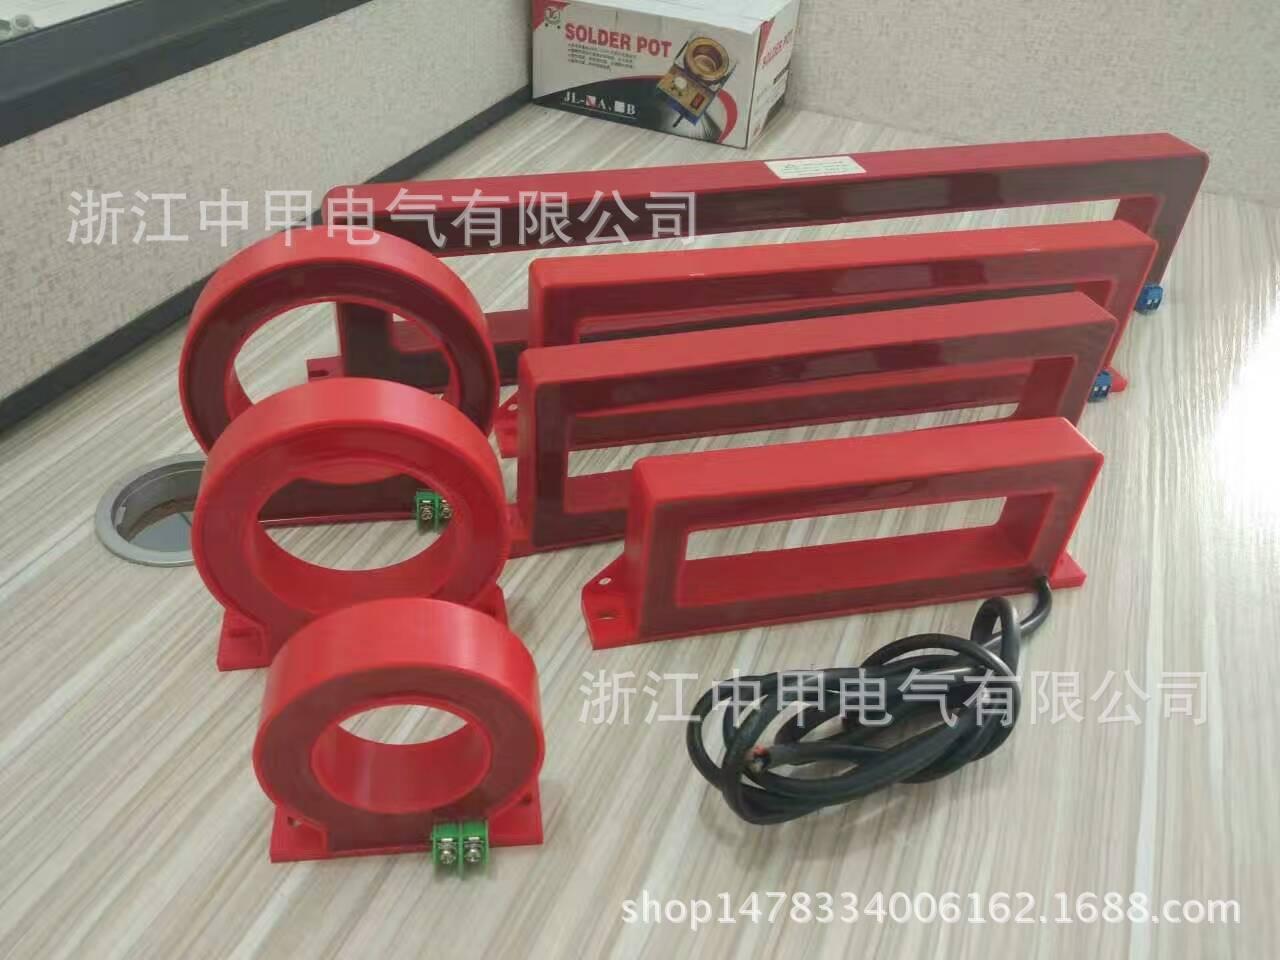 方形剩余电流互感器尺寸340*45mm 矩形互感器电流MG-F/1600A